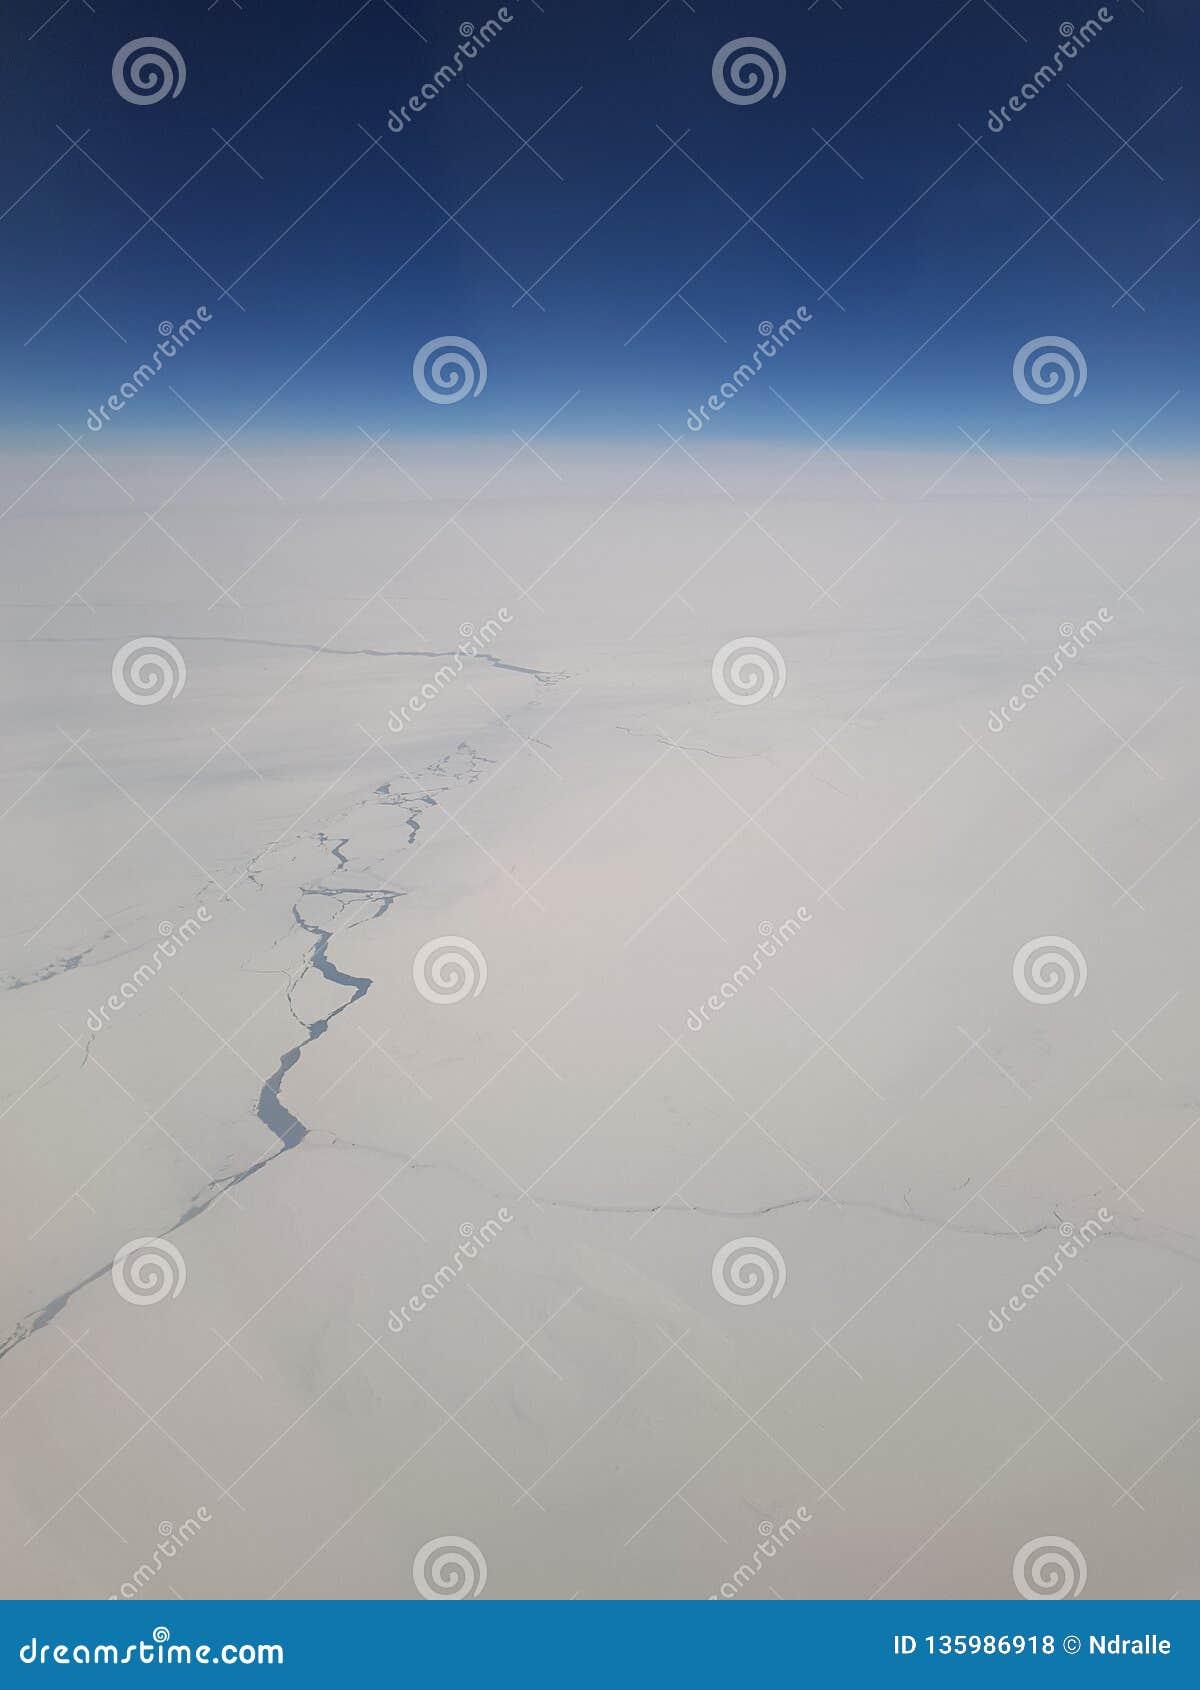 Νερό, πάγος, Ανταρκτική, πολικός, κρύα, weiss, blau